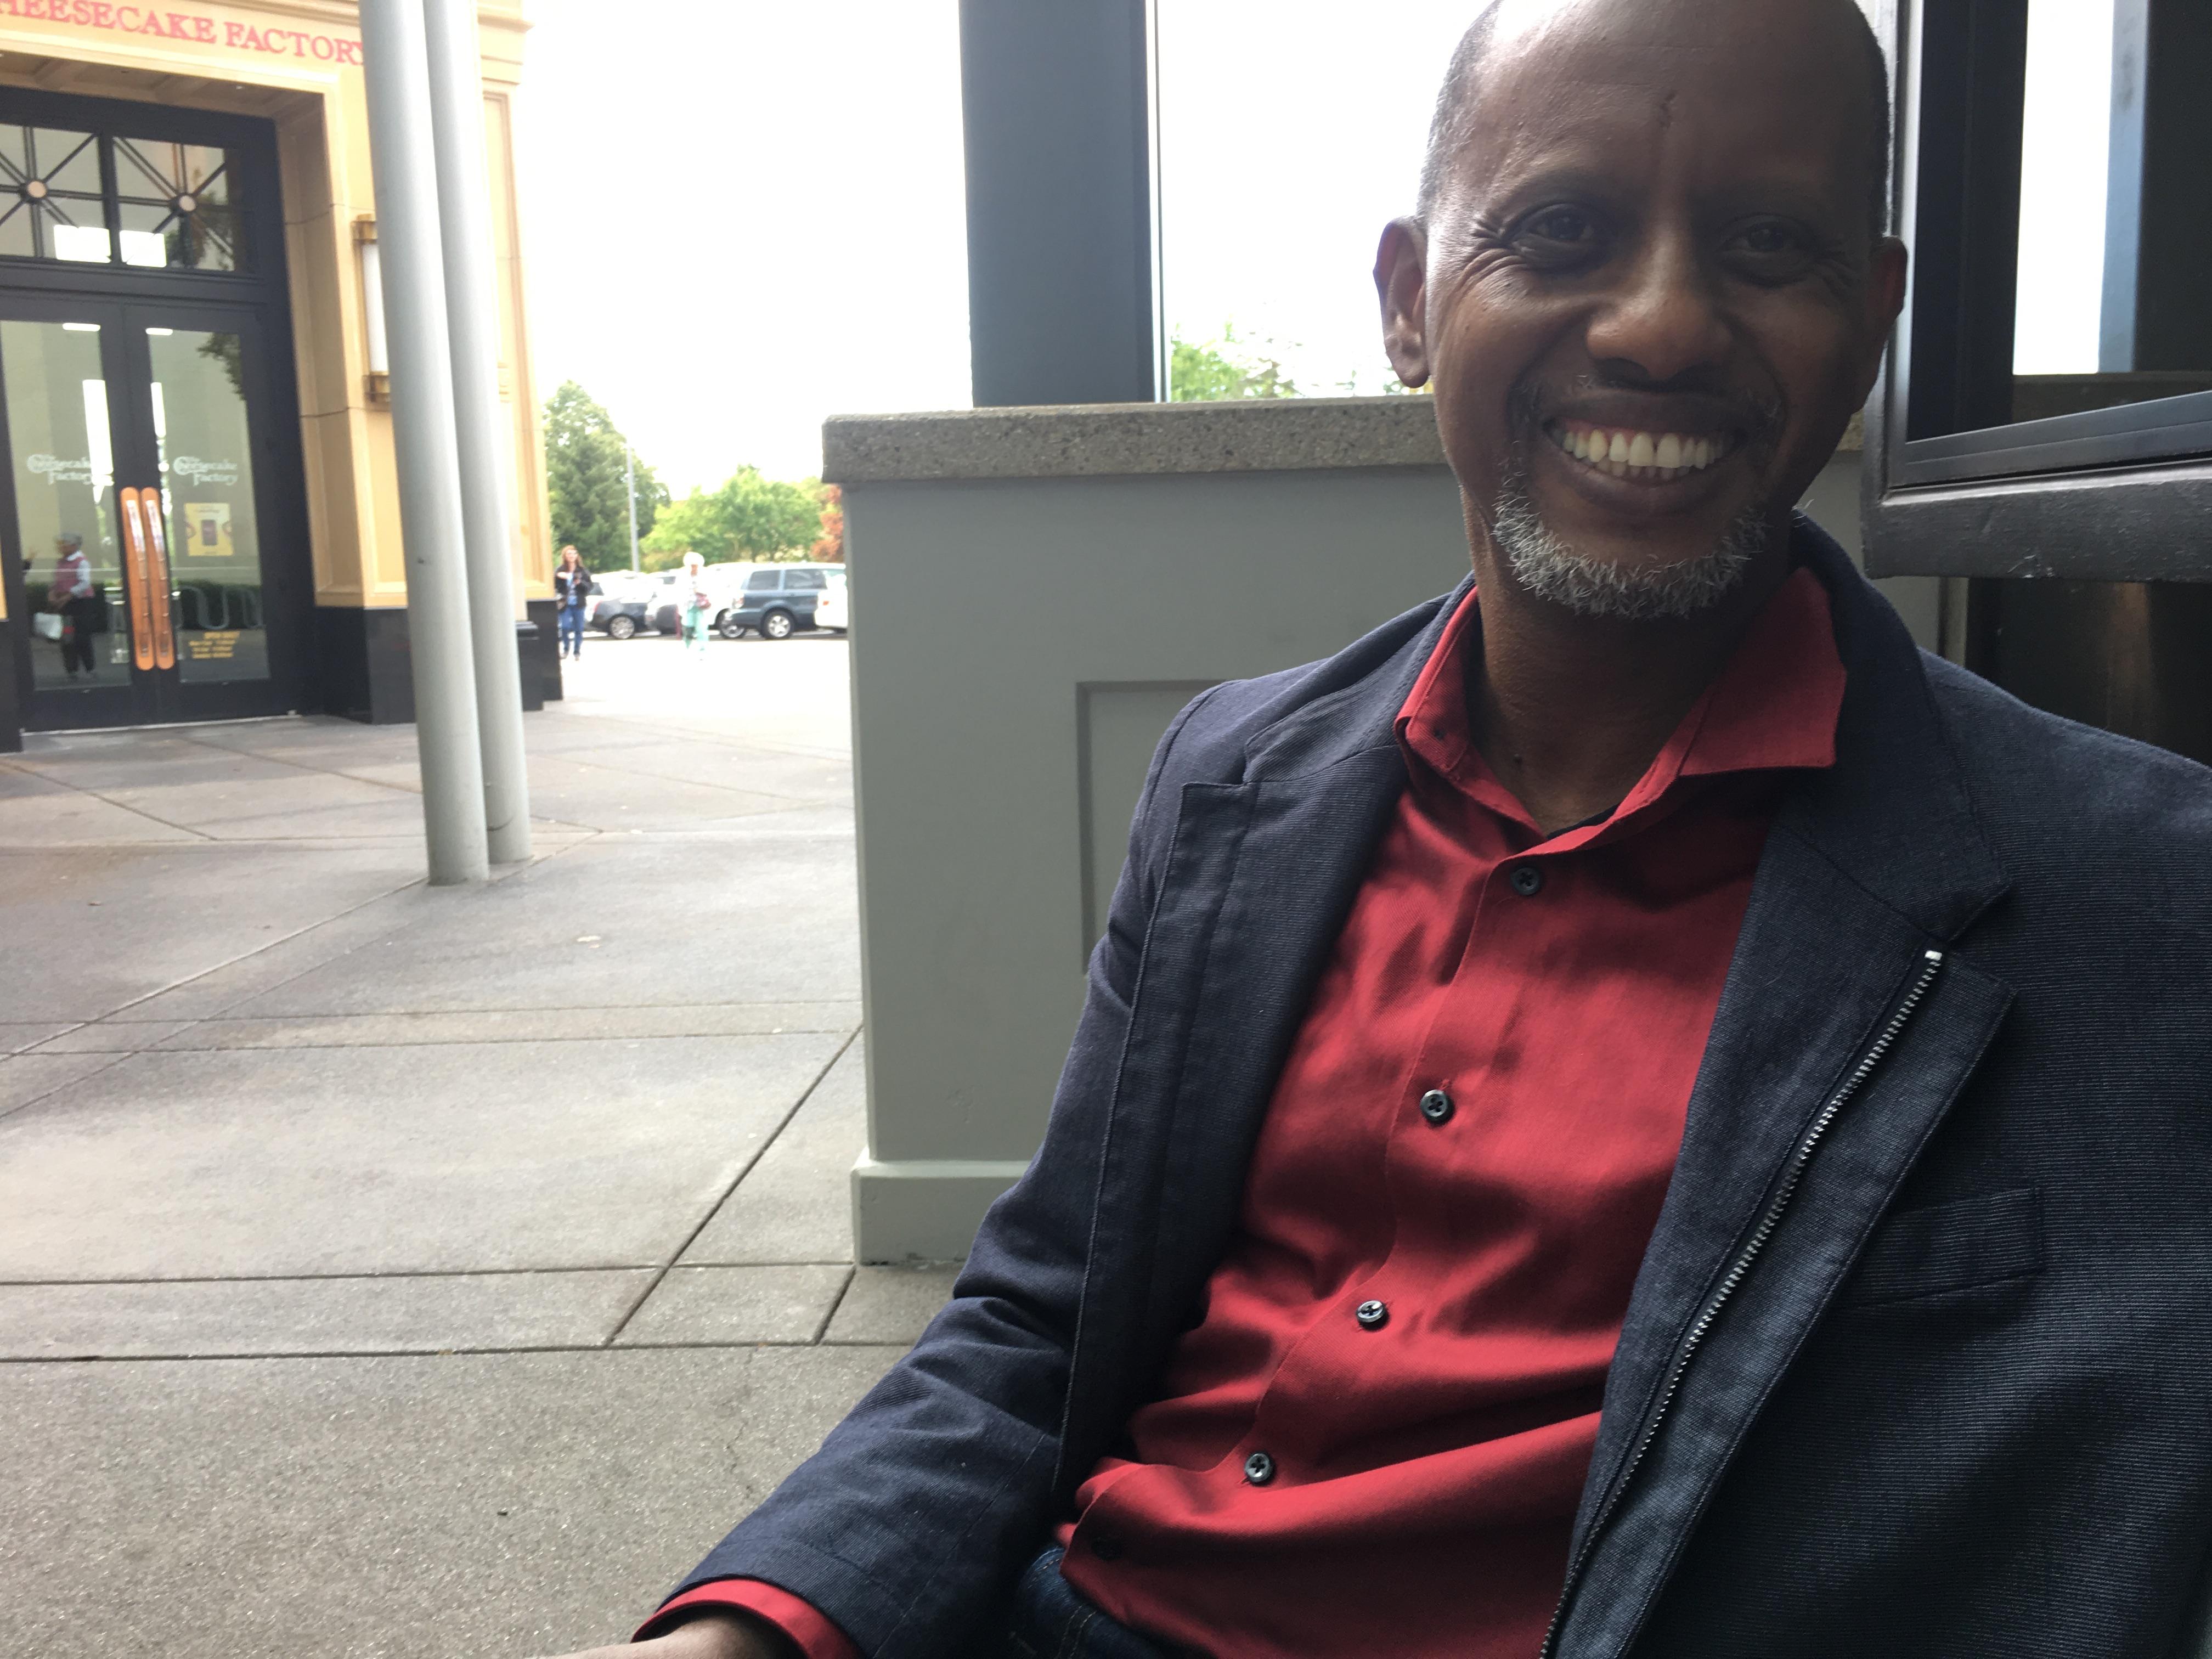 Kayse Jama of the nonprofit Unite Oregon